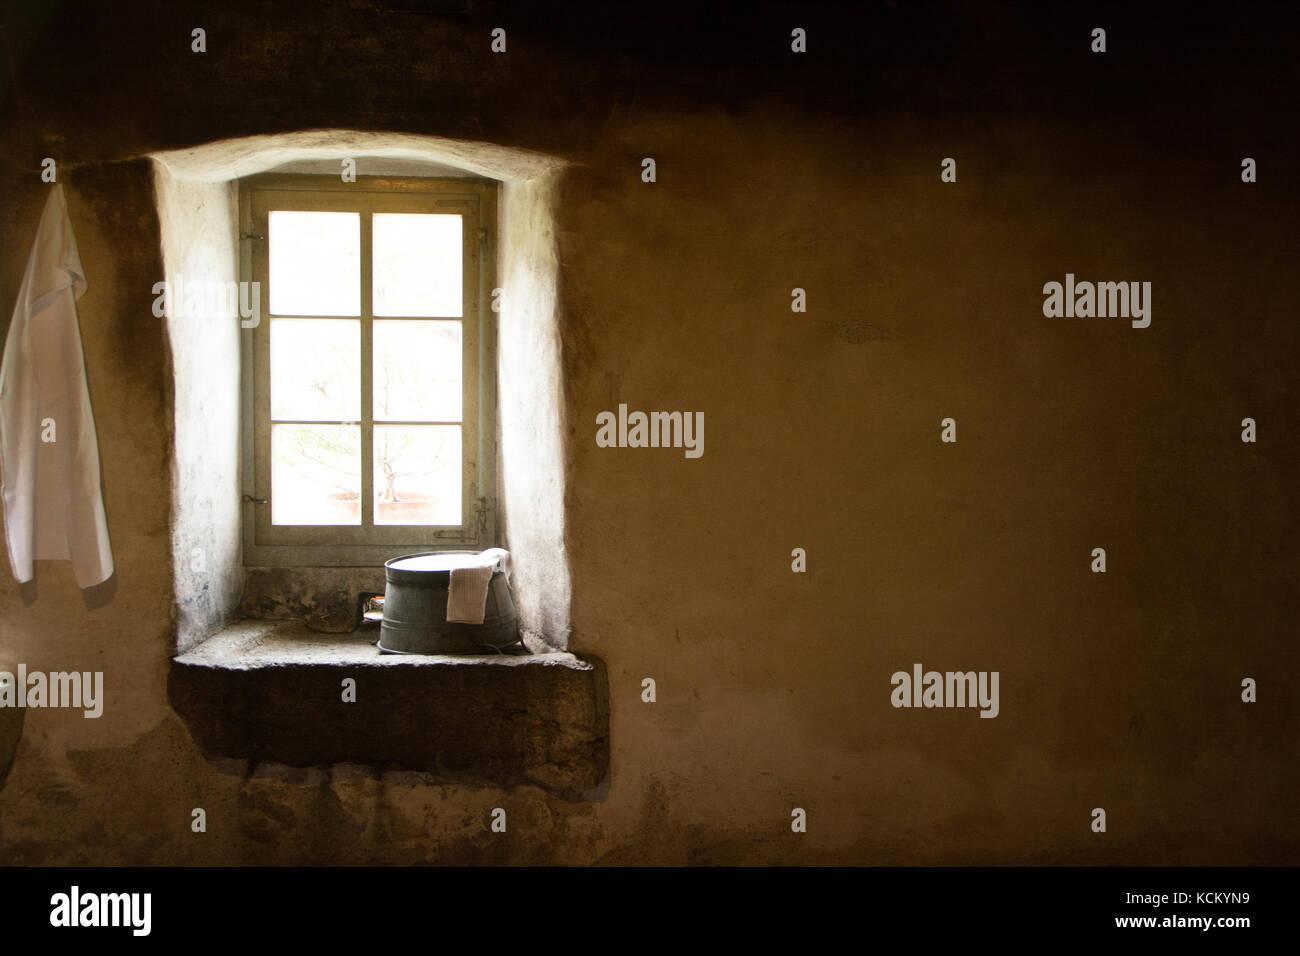 Vintage lavabo dans une vieille maison Photo Stock